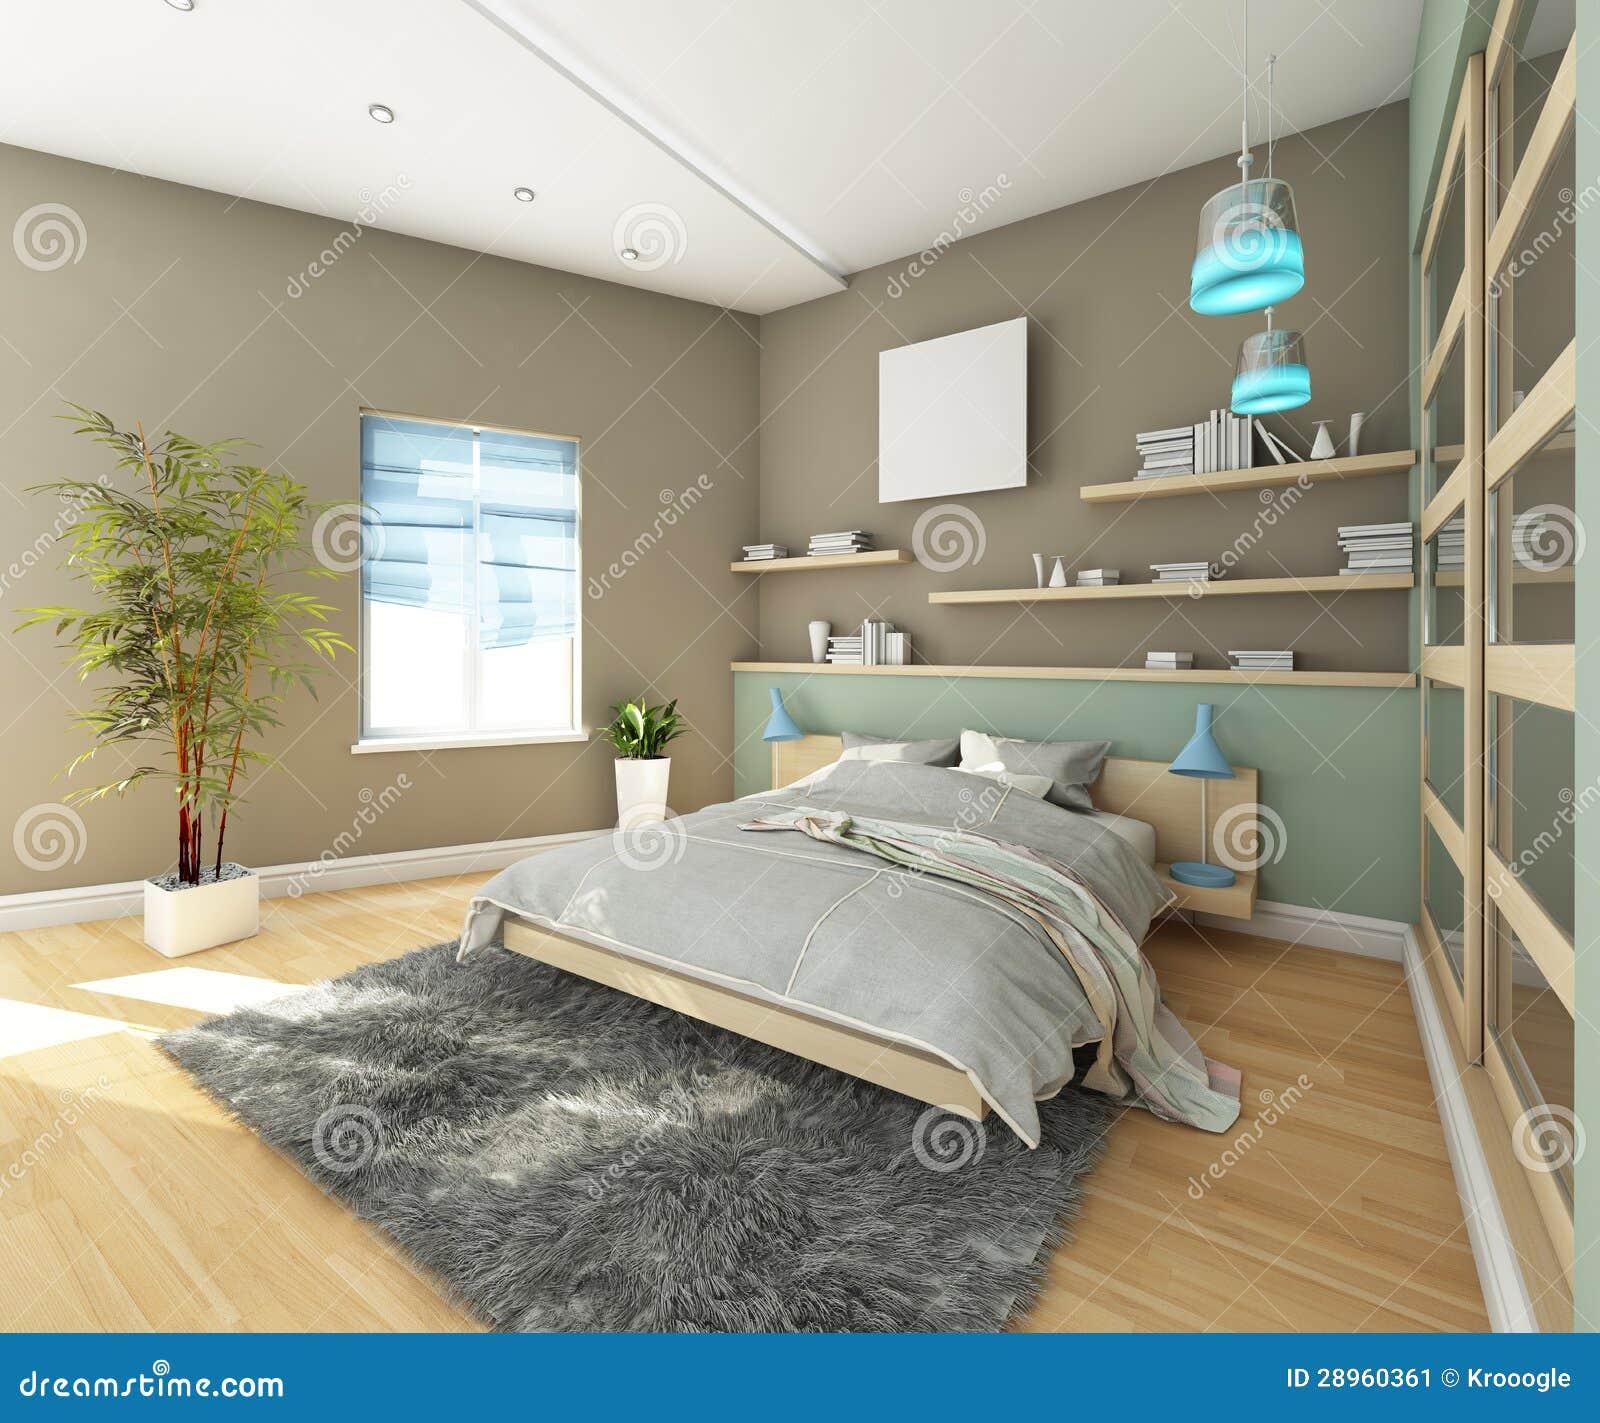 Jugendlich Schlafzimmer Mit Teppich Stock Abbildung - Bild: 28960361